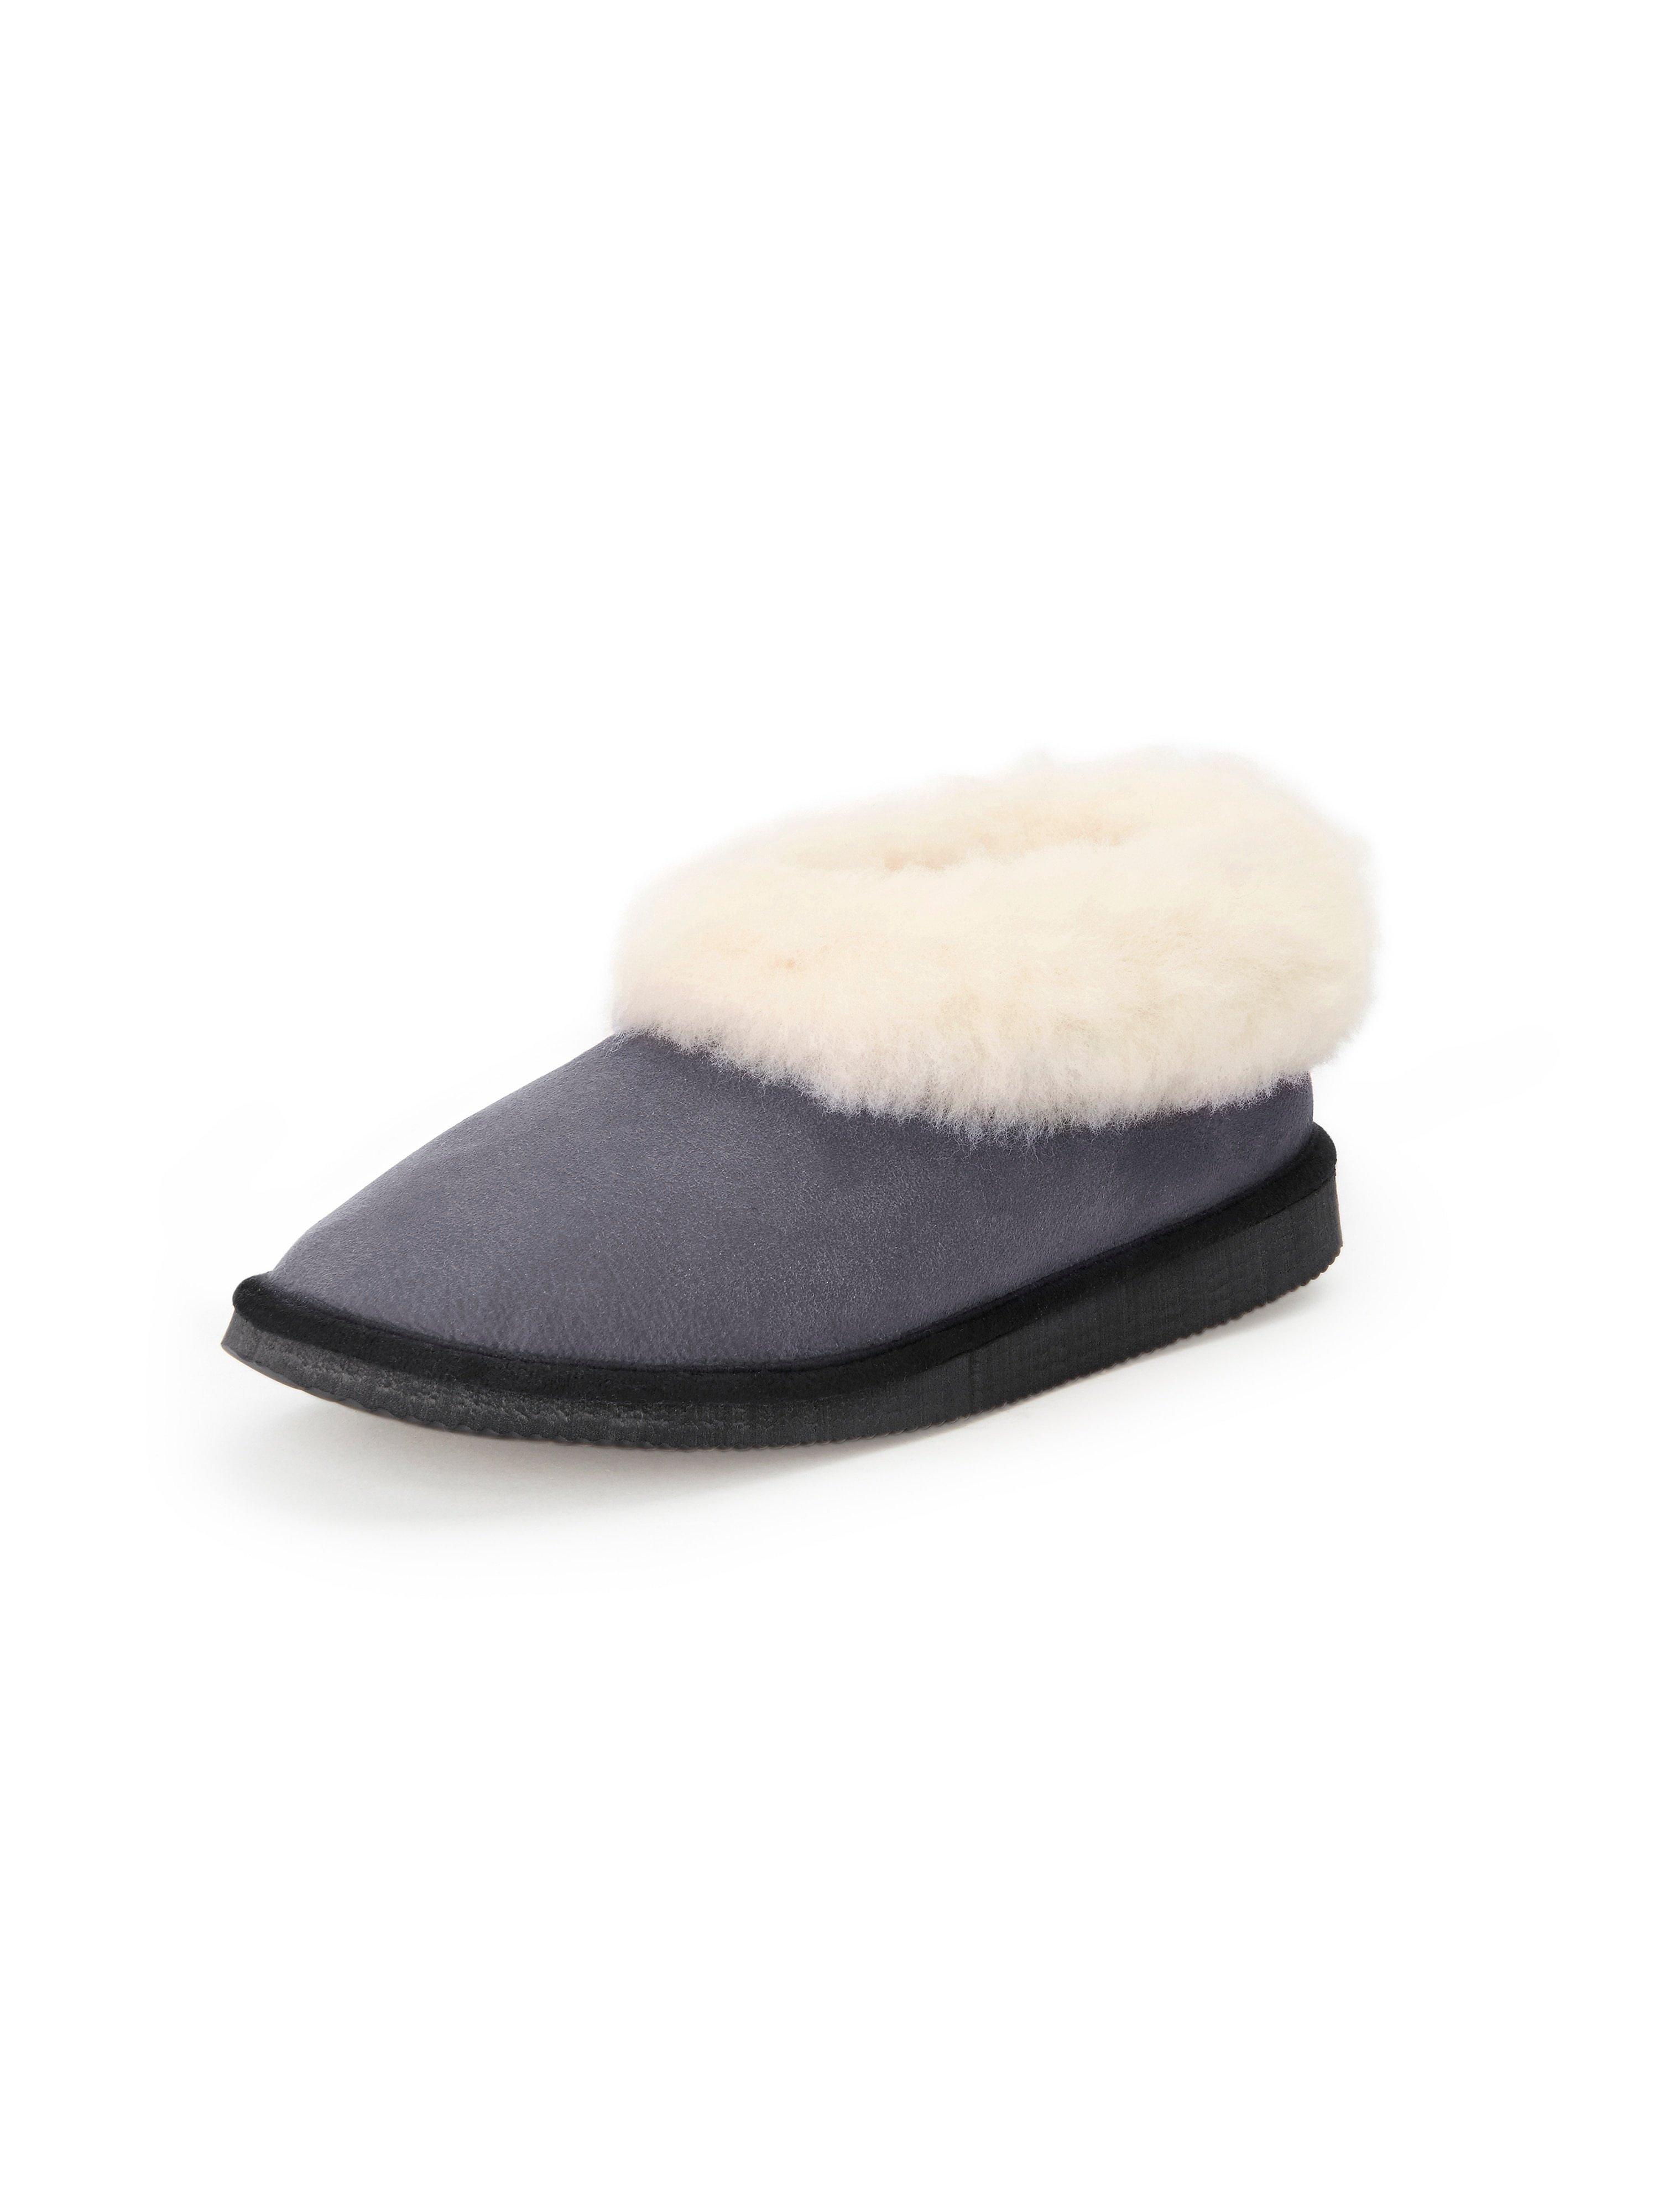 Les chaussons  Kitzpichler bleu taille 39